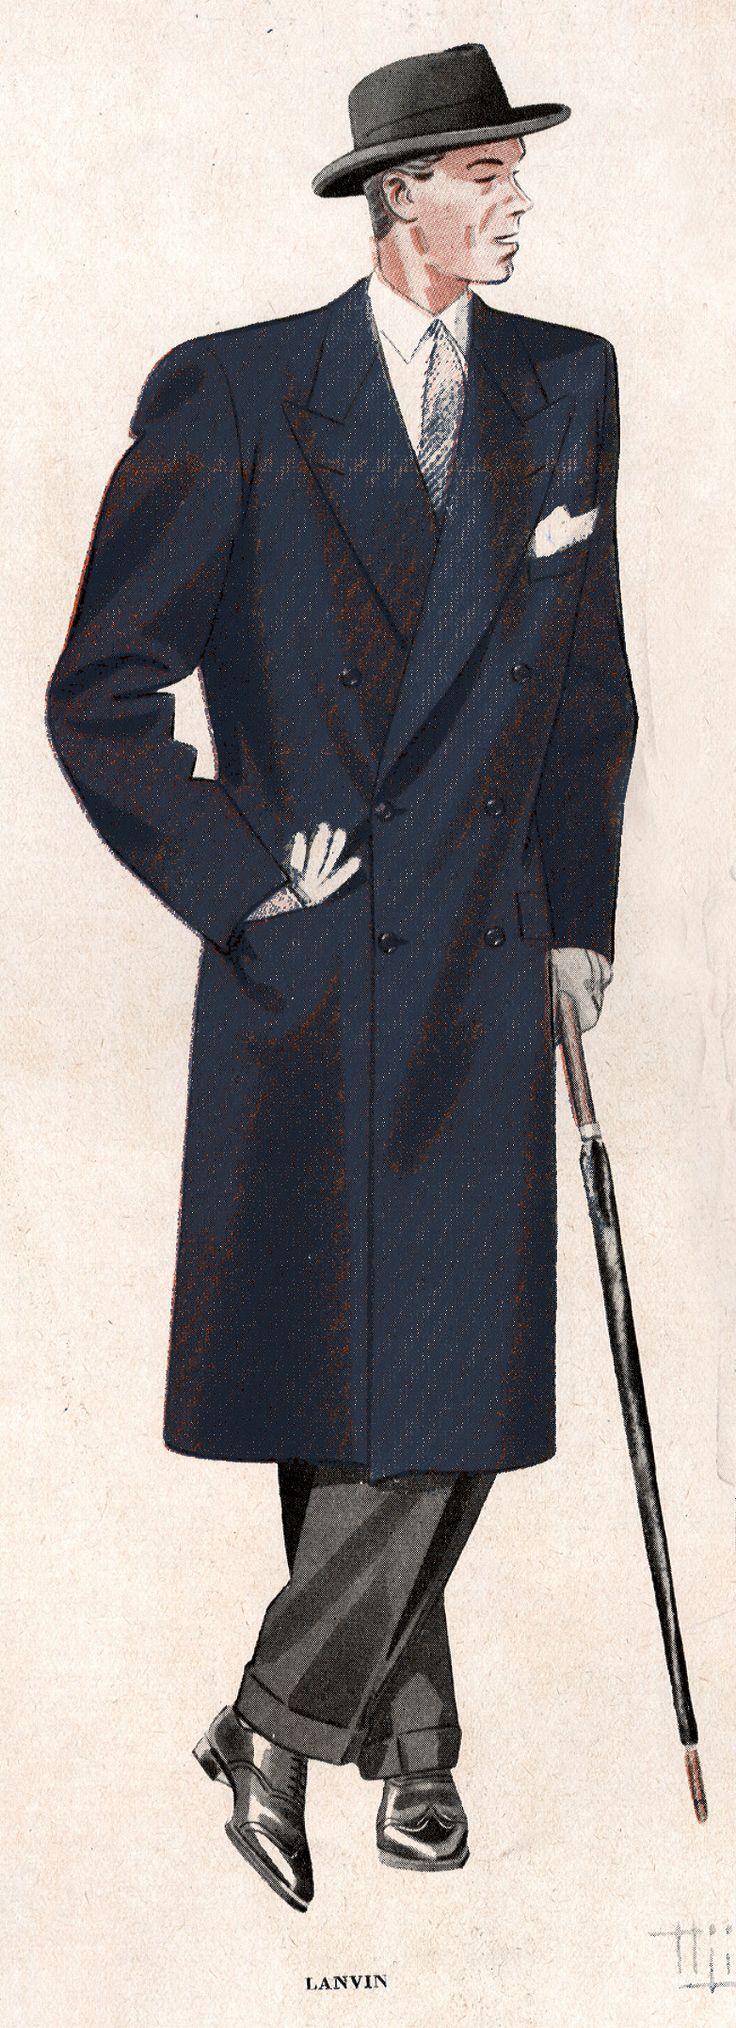 Pantalon et pardessus bleu marine pour homme, 1946 © Patrimoine Lanvin. #Lanvin125